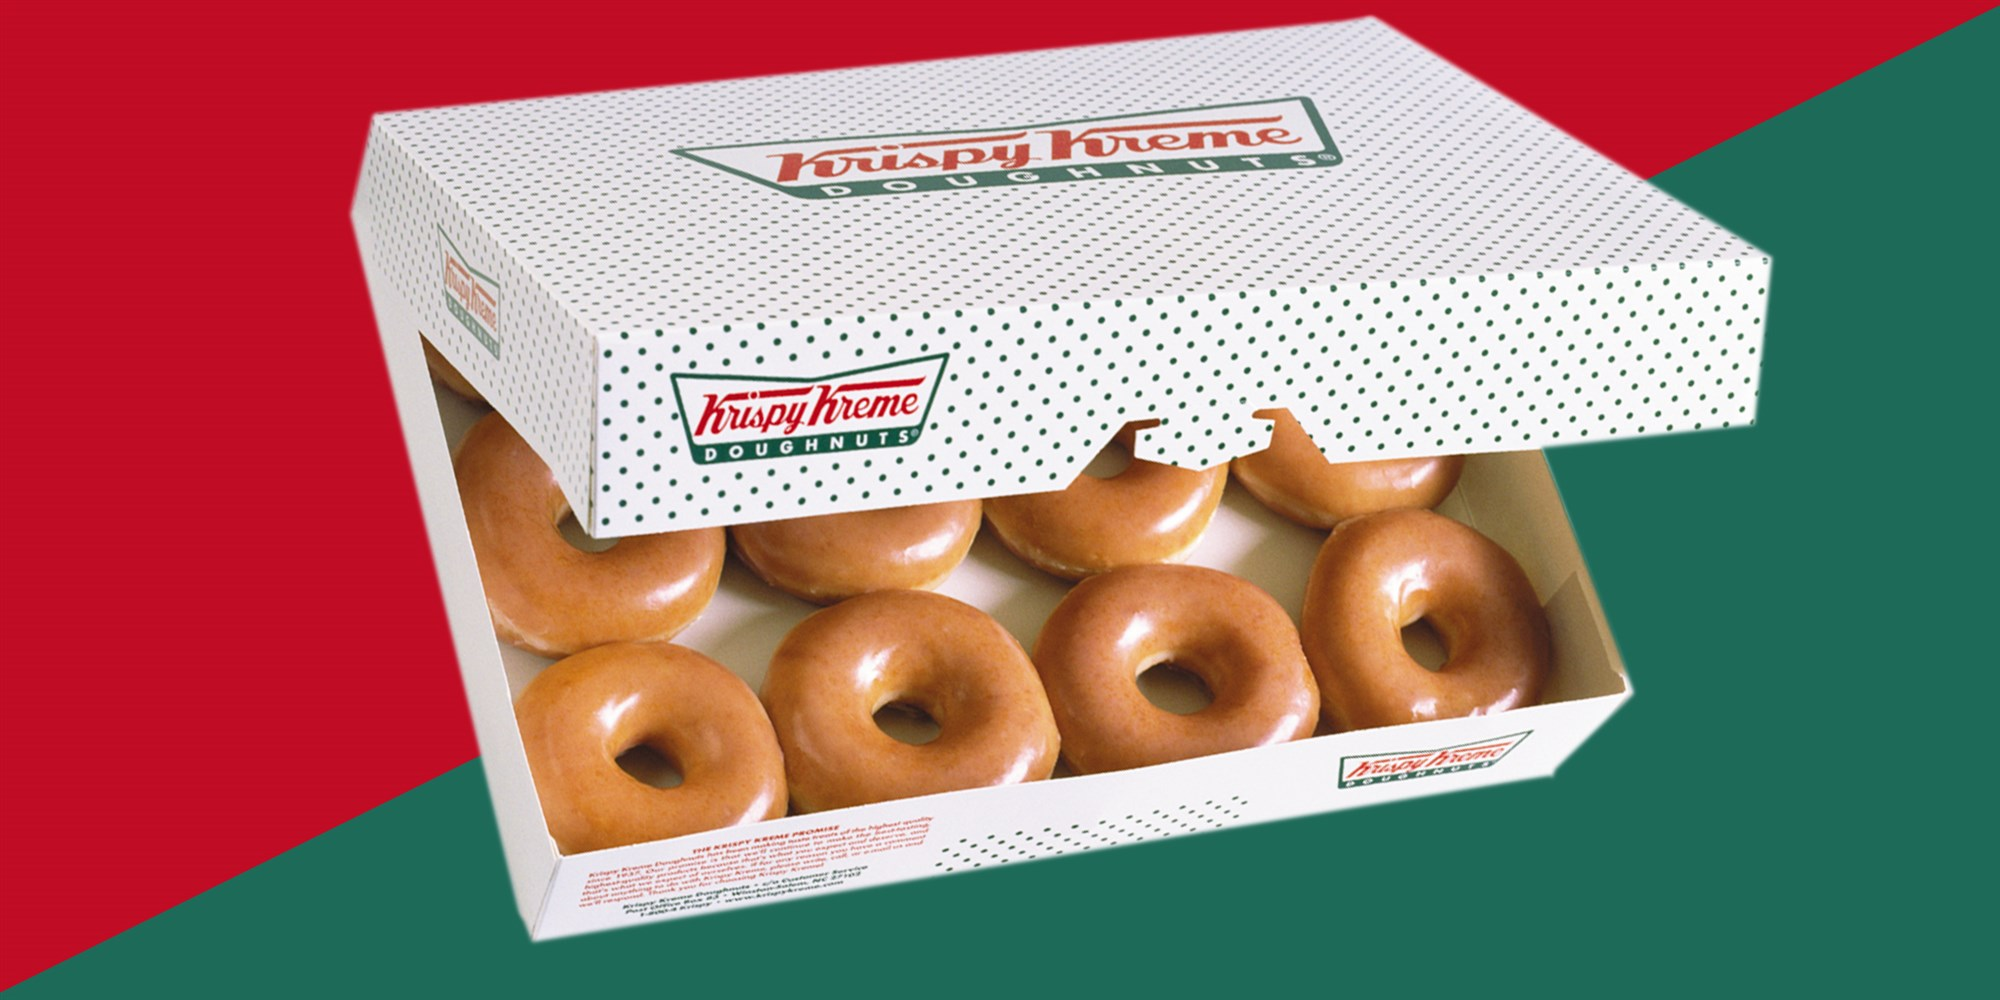 Krispy Kreme TODAY Show